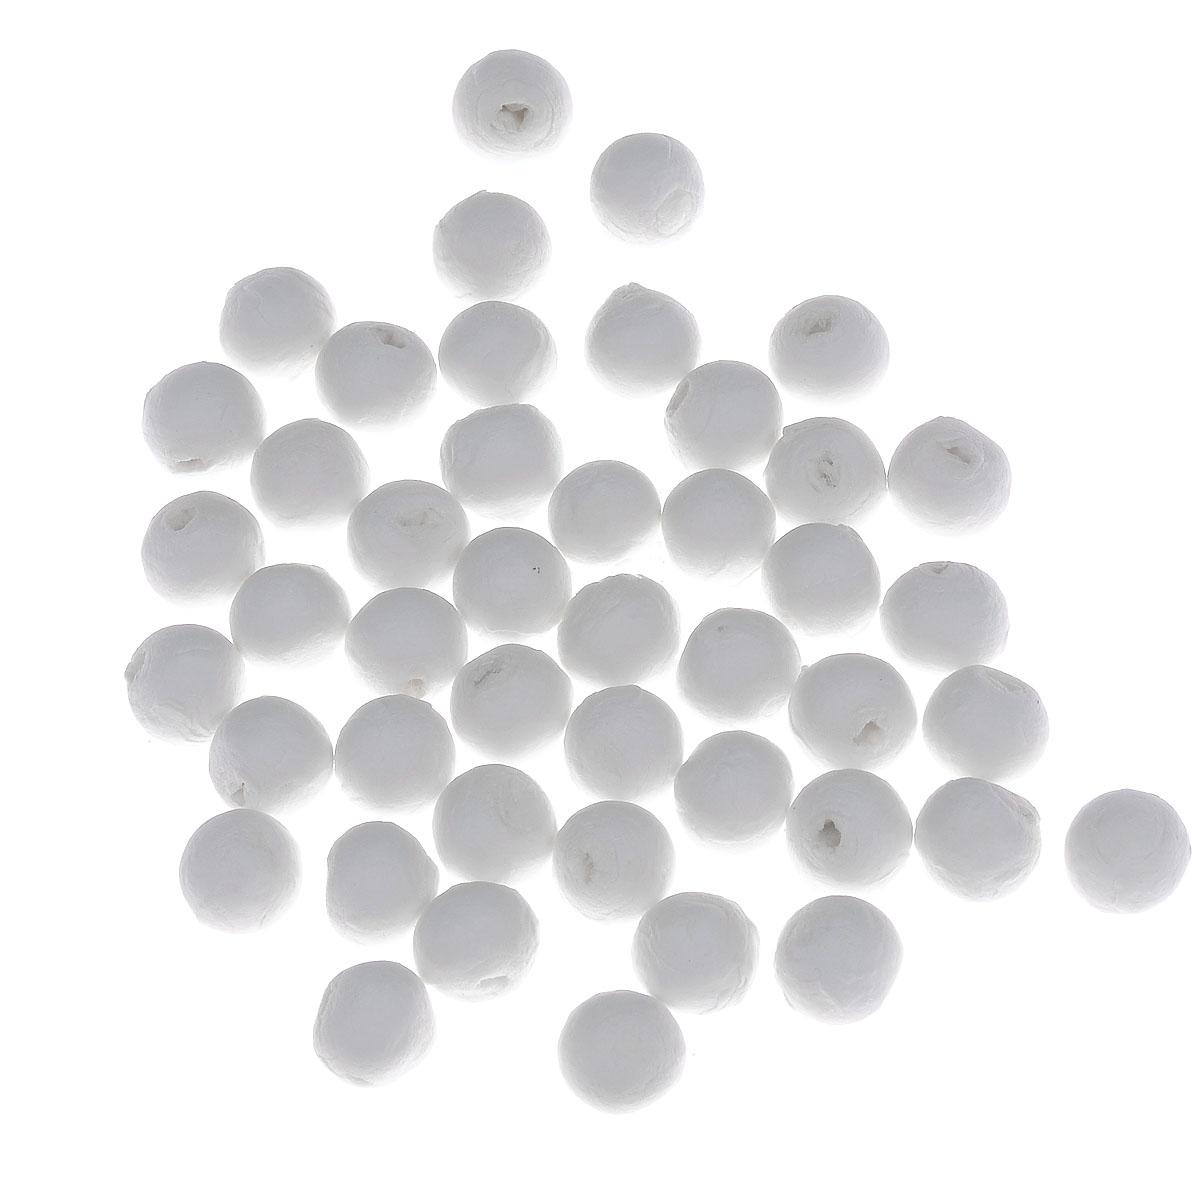 Шарики хлопковые Hobby Time, цвет: белый, диаметр 12 мм, 45 шт318337Декоративные шарики Hobby Time, изготовленные из 100% натурального хлопка, станут эффектным украшением интерьера или праздника. Из хлопка можно создать любые украшения. Белый пушистый хлопок - практически универсальная деталь, из которой можно создать красивейшие декоративные композиции как для зимних праздников, так и для торжественных мероприятий, проводимых в теплые сезоны.При планировании эко-свадьбы хлопок также стоит включить в список элементов декоративного убранства. Воткнув в букет хлопковые веточки, вы сразу сделаете композицию и нежнее, и оригинальнее. Поскольку цветки хлопчатника белые, украшения из них можно сочетать с любой цветовой палитрой. Хлопок можно добавлять не только в букет невесты и в композиции на столах. А из веточек хлопка получатся оригинальные бутоньерки. Диаметр шарика: 12 мм.